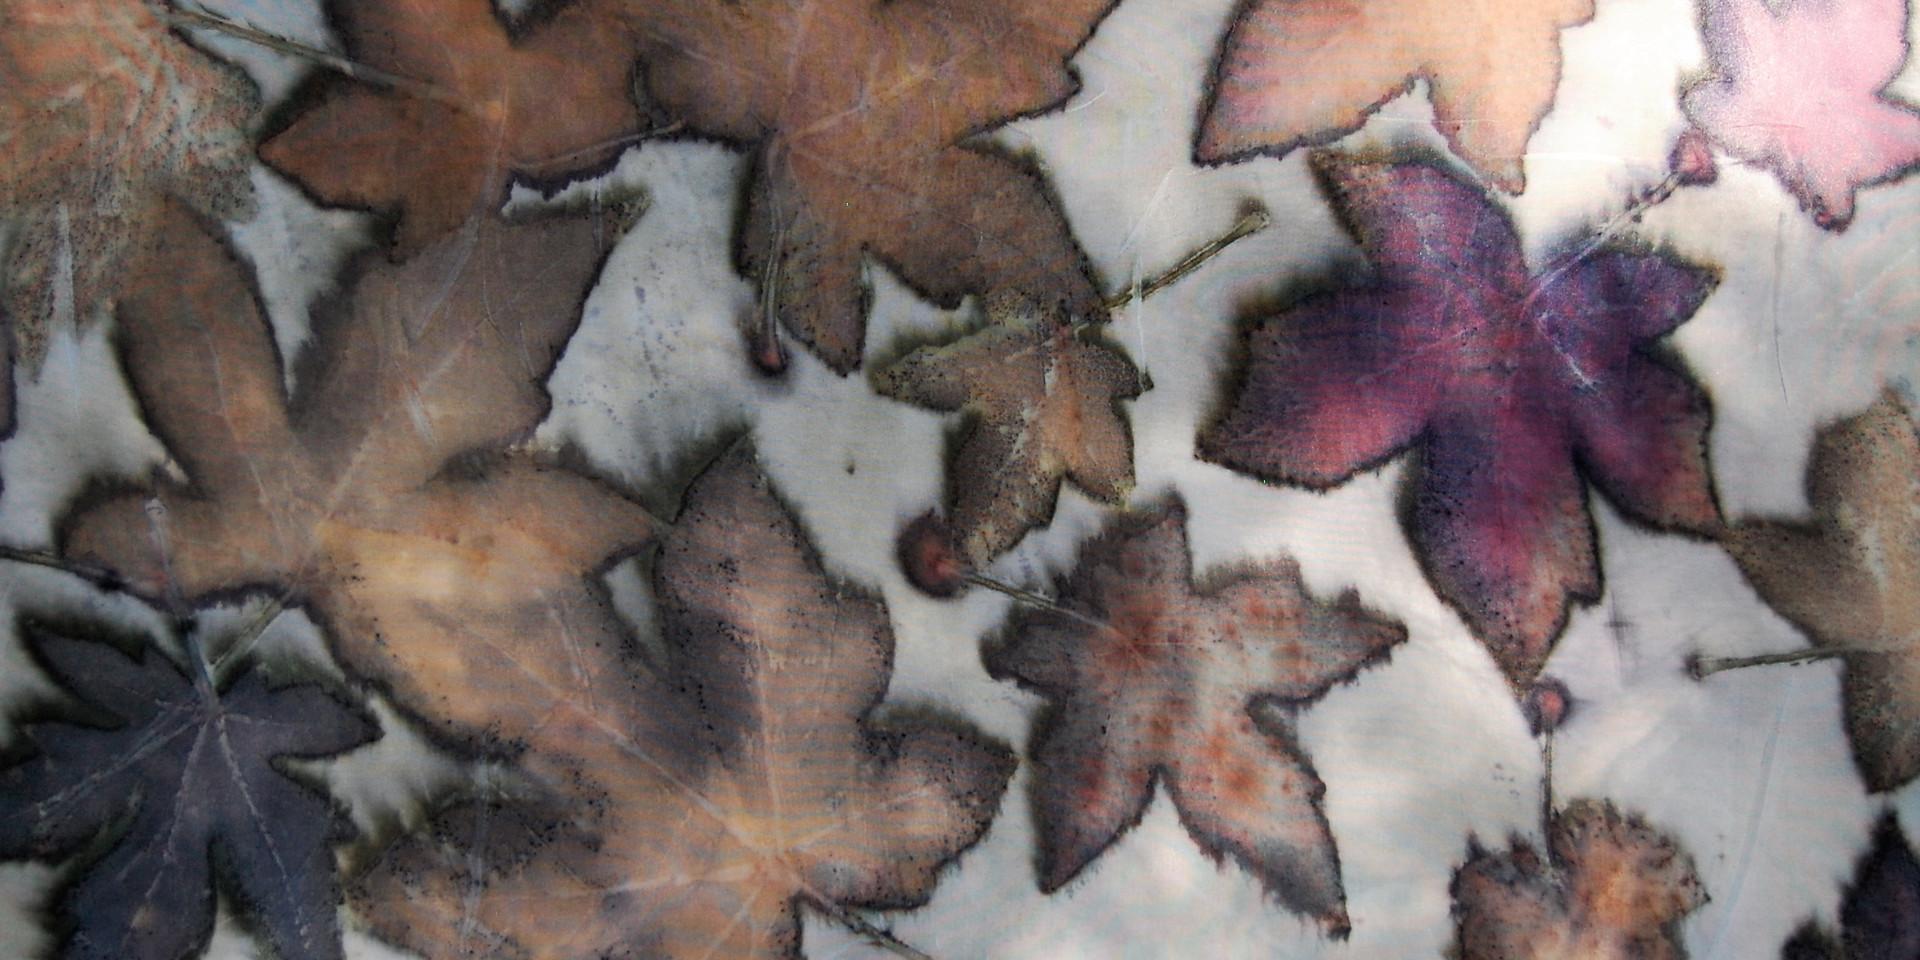 Detail - Sweetgum leaves